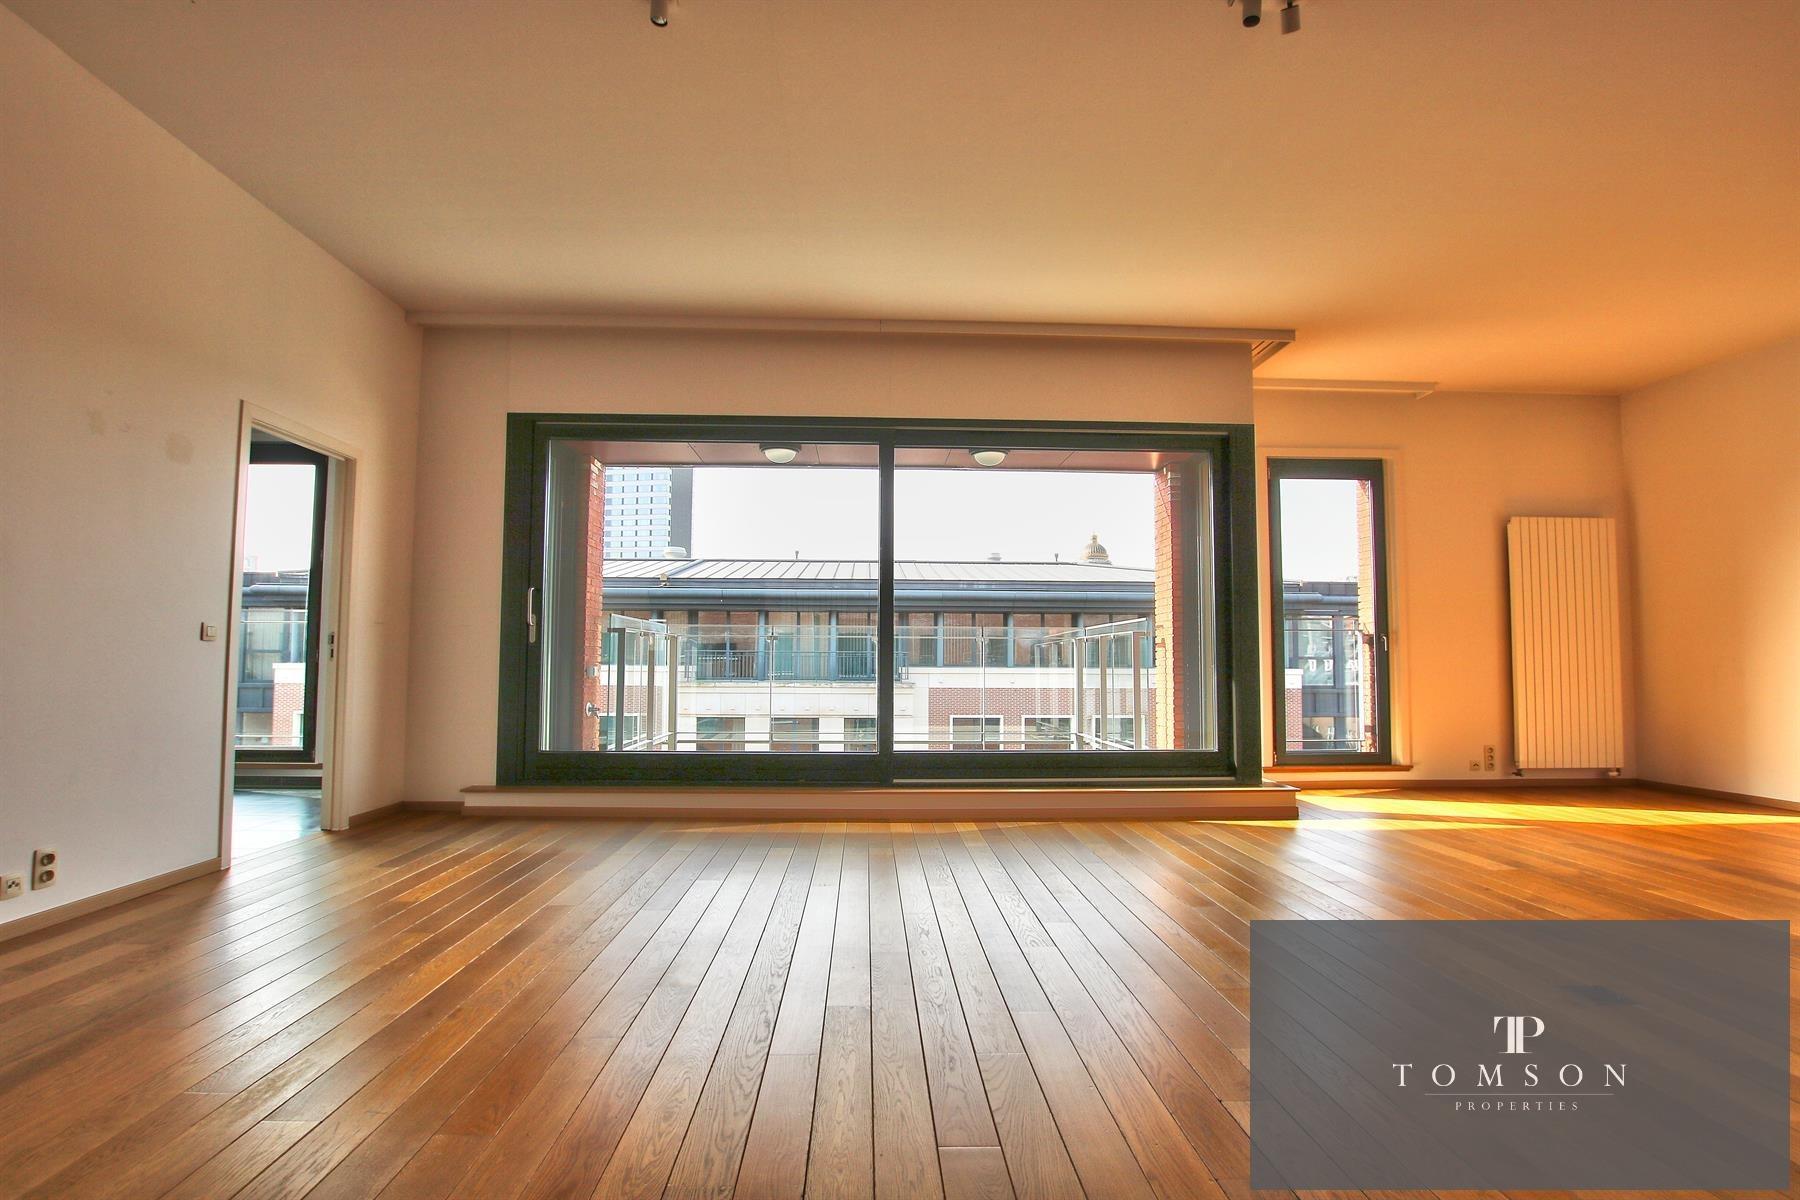 Appartement exceptionnel - Ixelles - #4533638-10